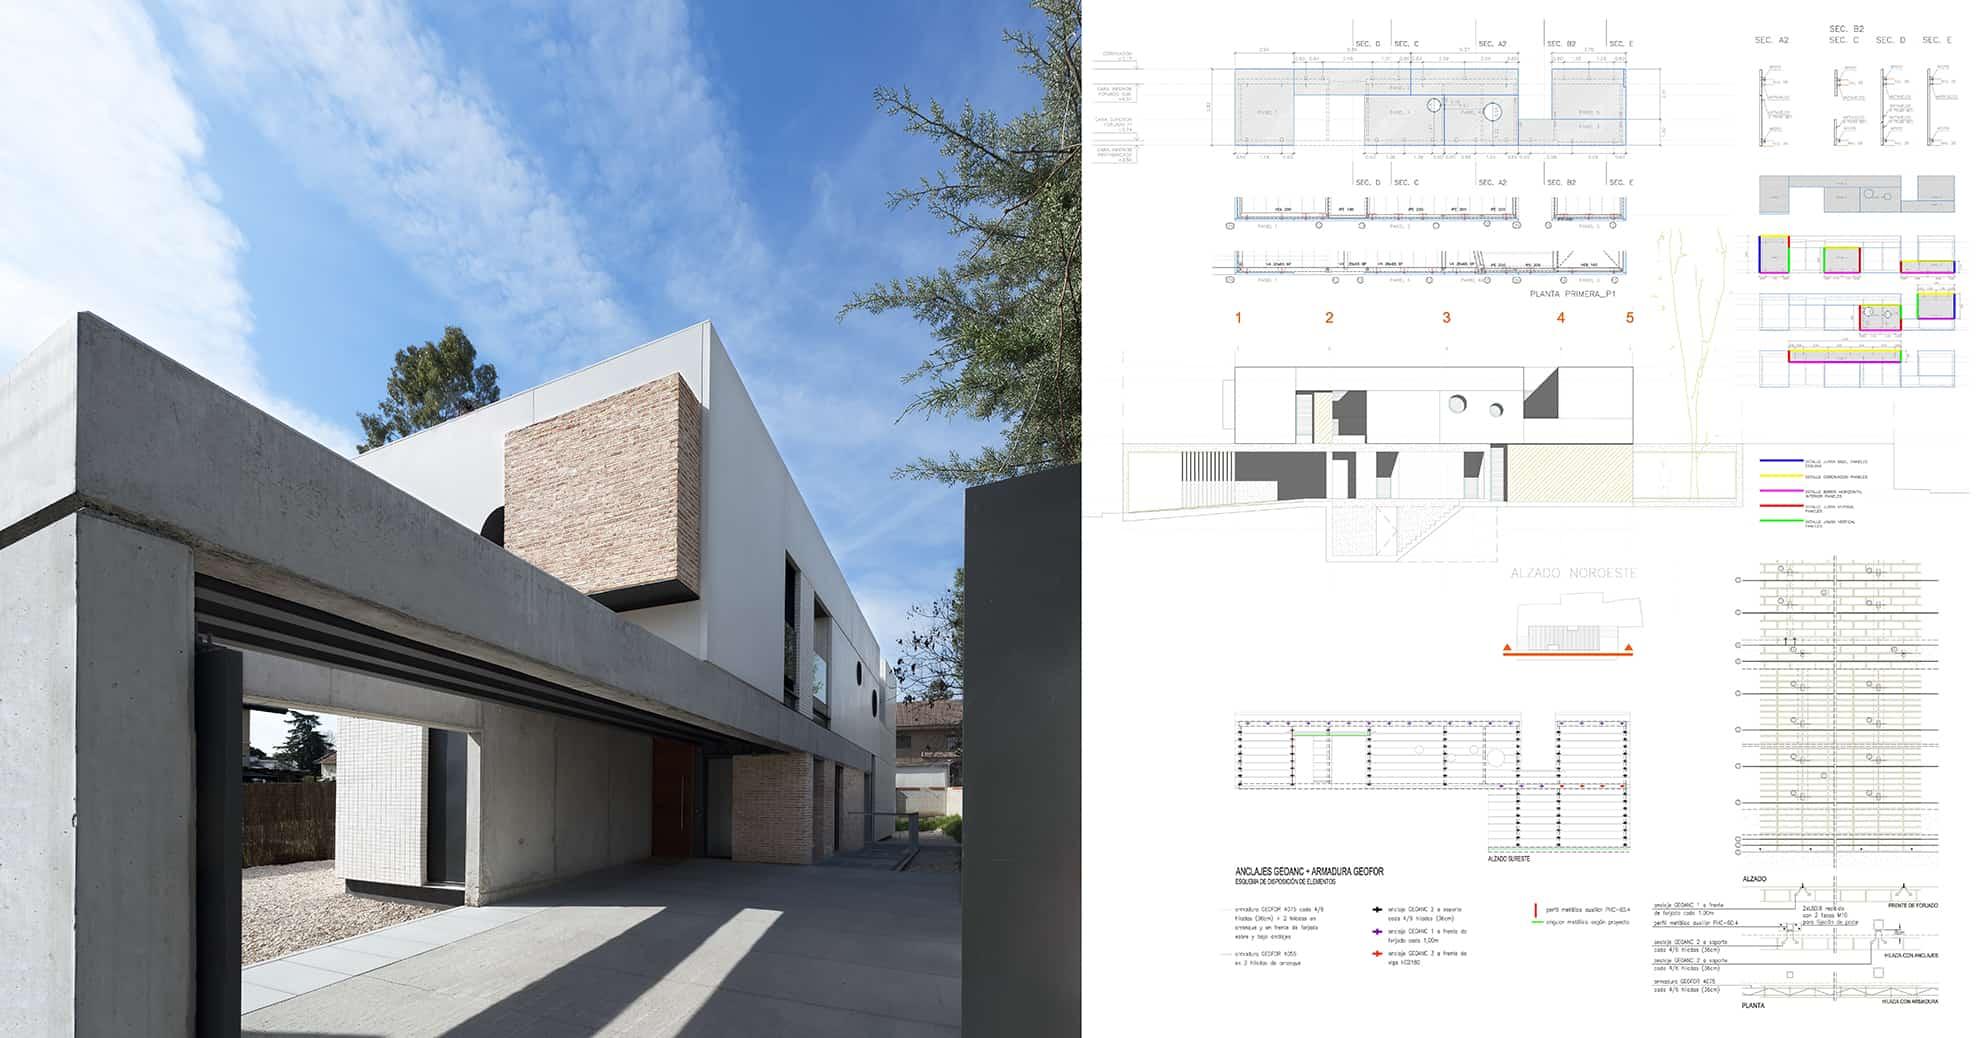 Vivienda_IA - detalle constructivo: prefabricado de hormigón y fábrica armada - LANDINEZ+REY | equipo L2G arquitectos, slp [ eL2Gaa ]